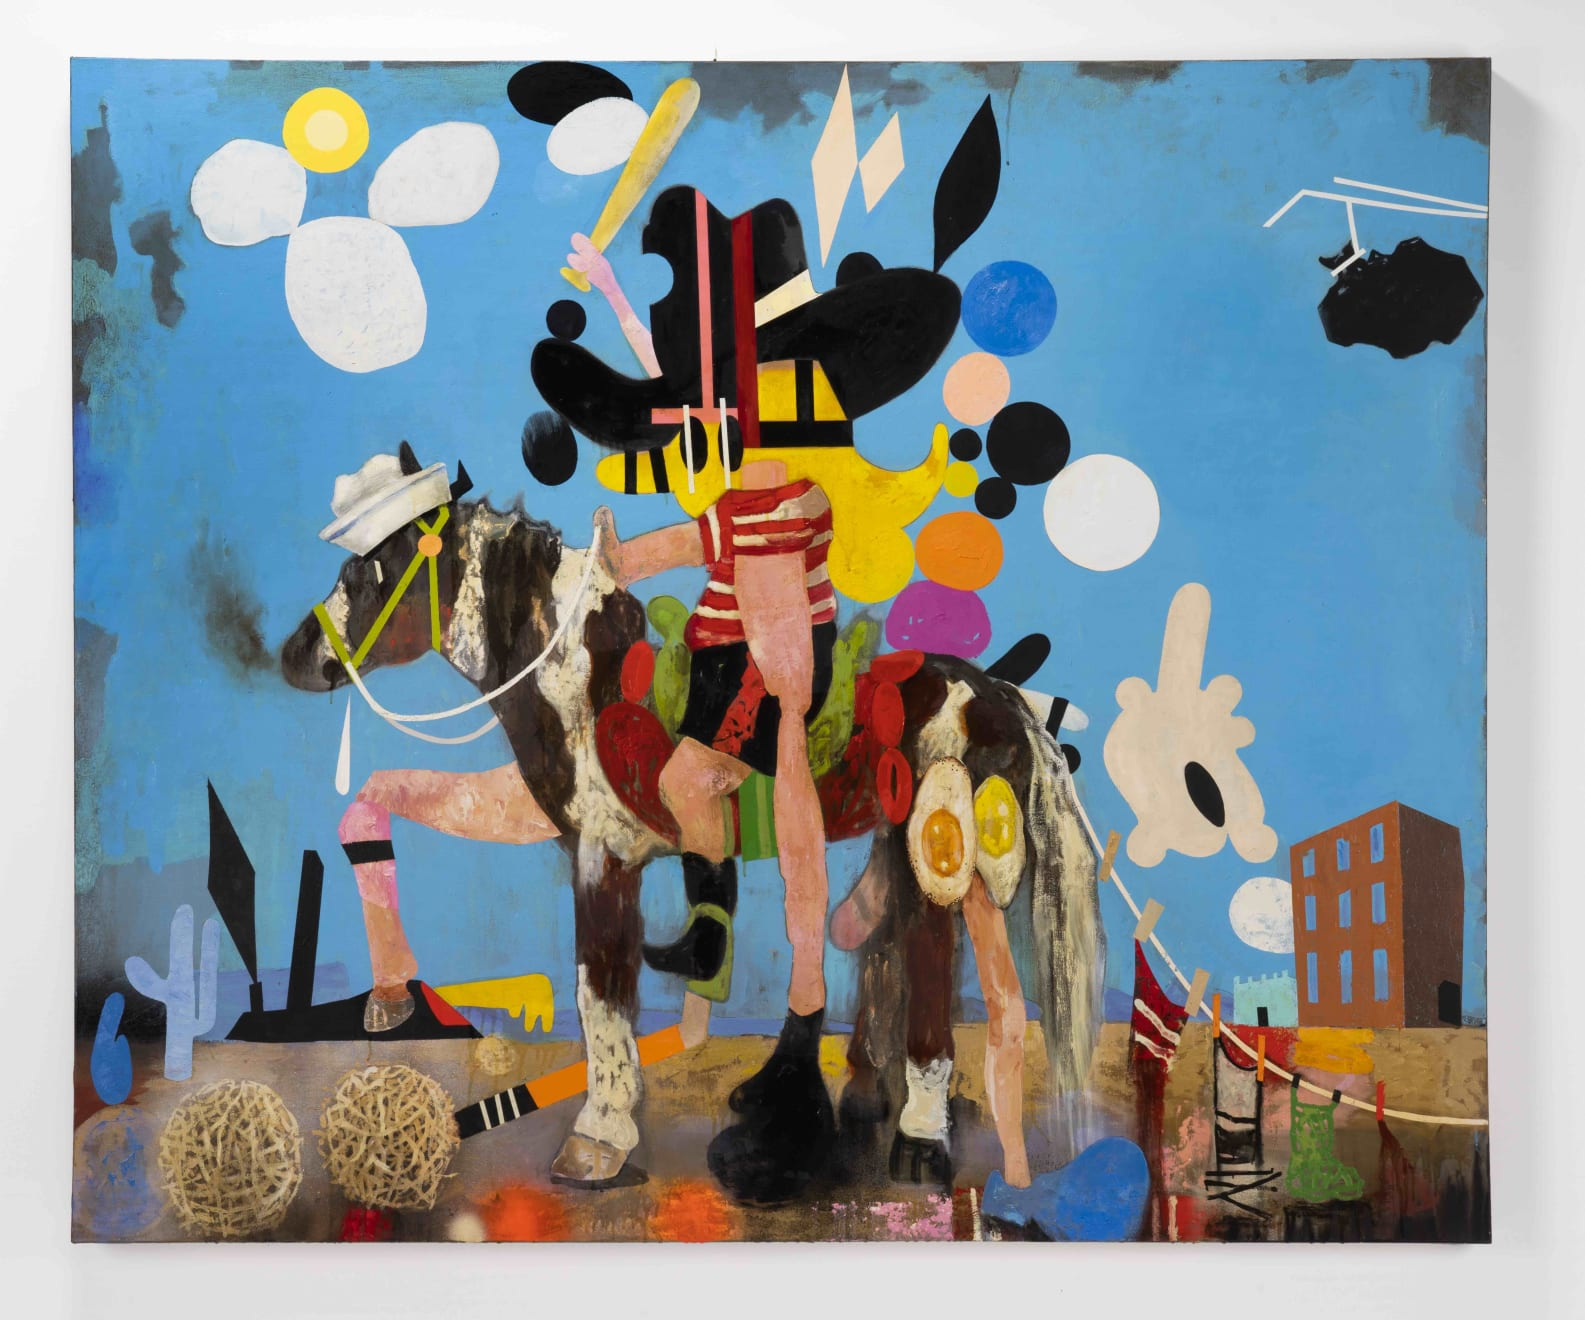 TL Solien, The Paint, 2017 - 2018